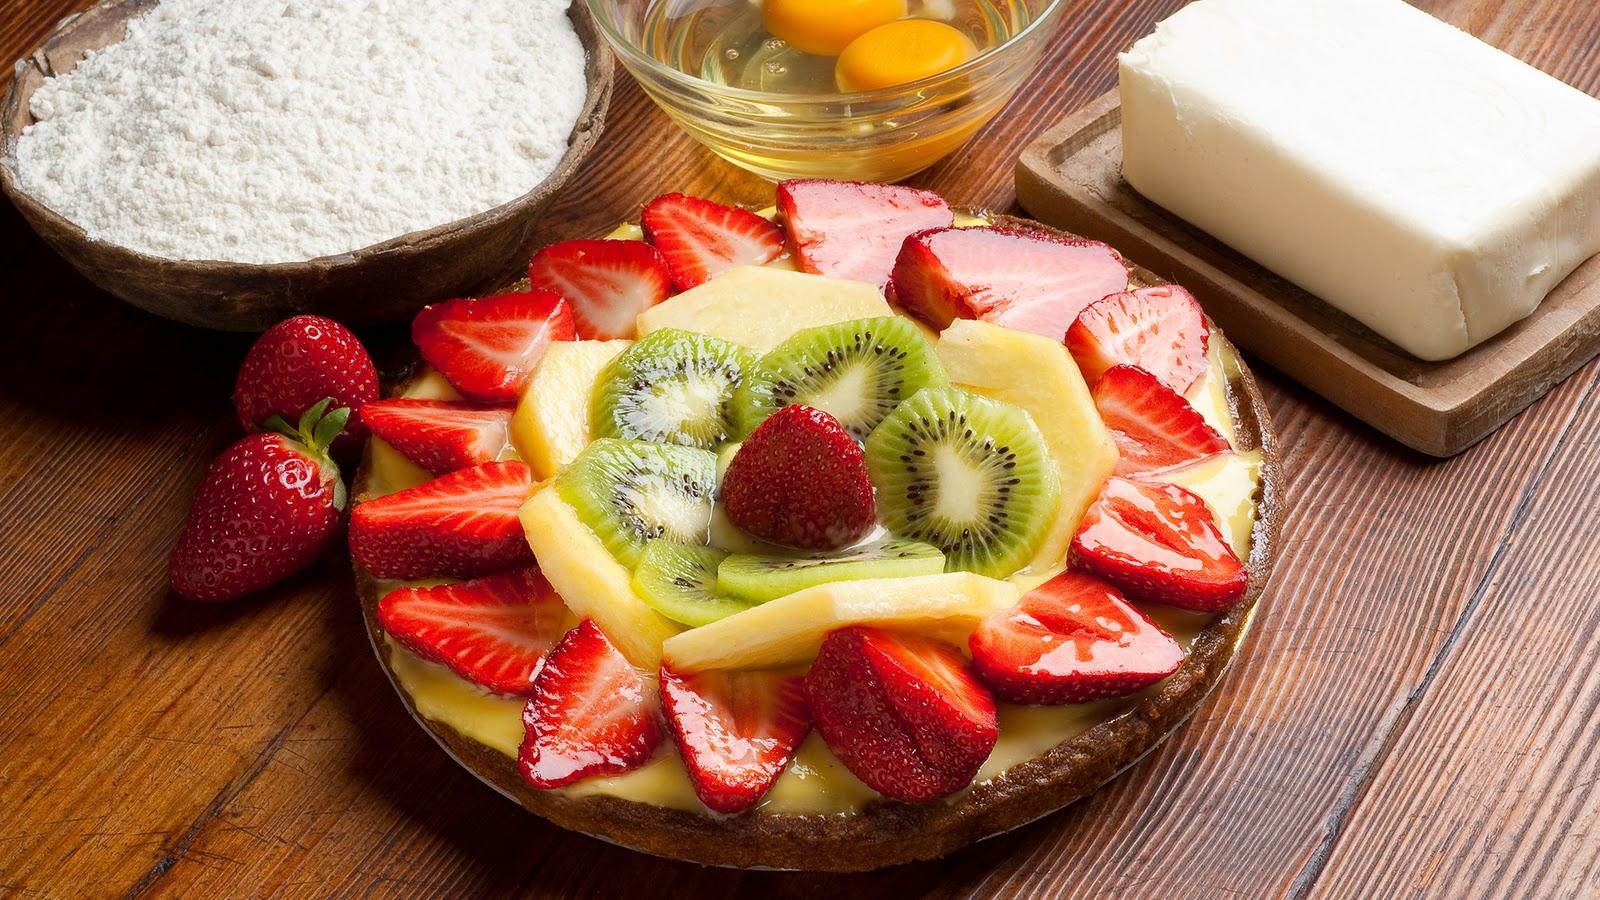 http://1.bp.blogspot.com/-o5dw1B0NVrY/TsDydQeyV2I/AAAAAAAABuM/WaqlvHwJUcc/s1600/foodandcookieswallpapers04.jpg